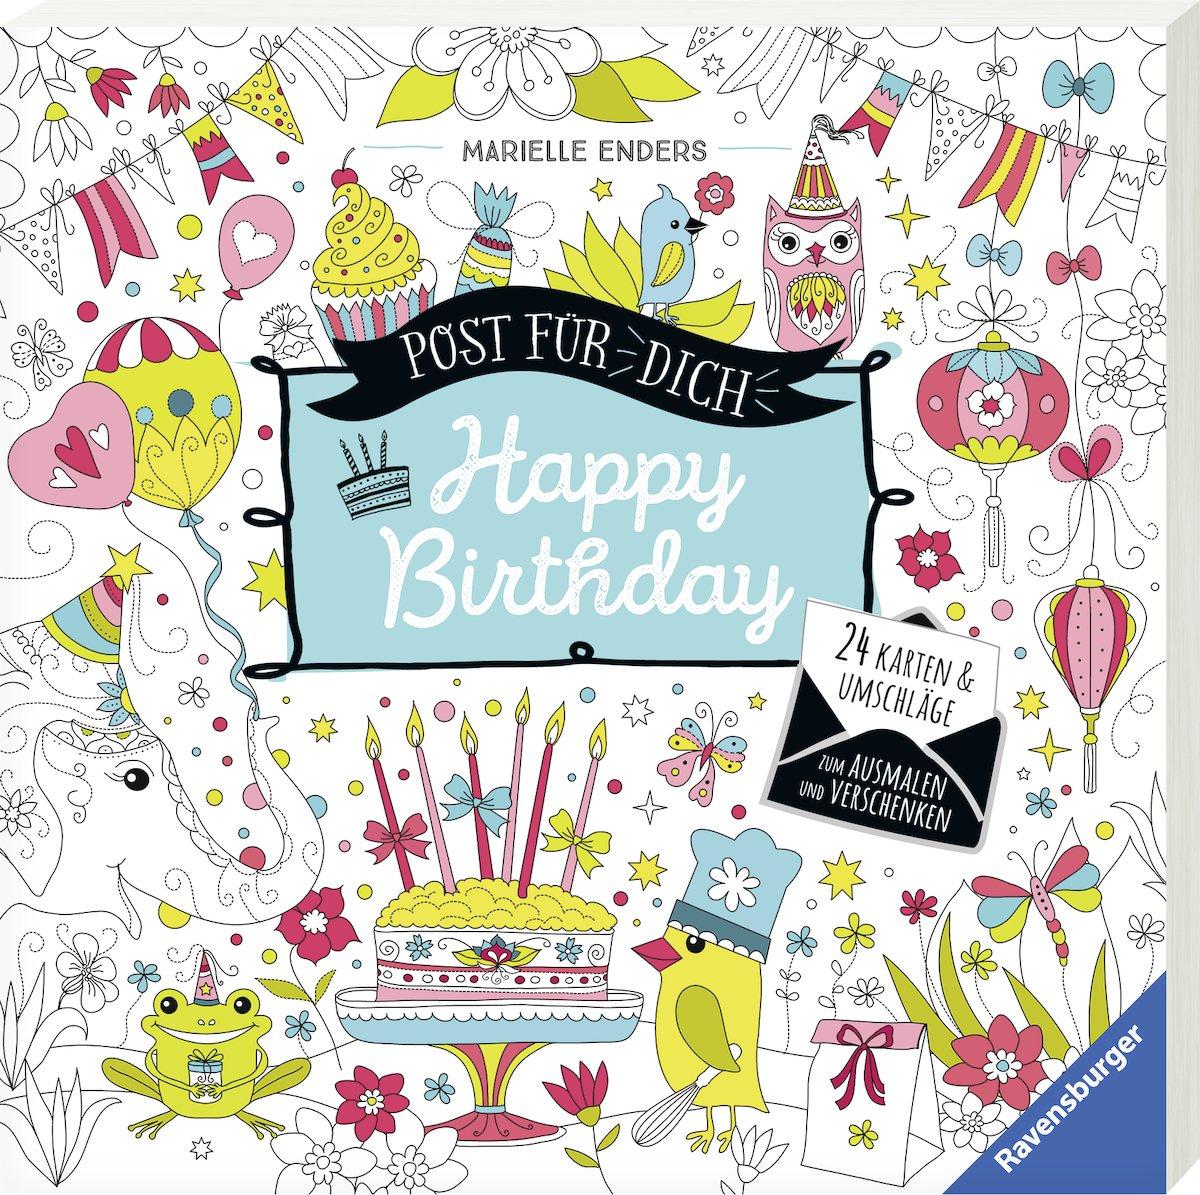 post-fr-dich-happy-birthday-24-karten-umschlge-zum-ausmalen-und-verschenken